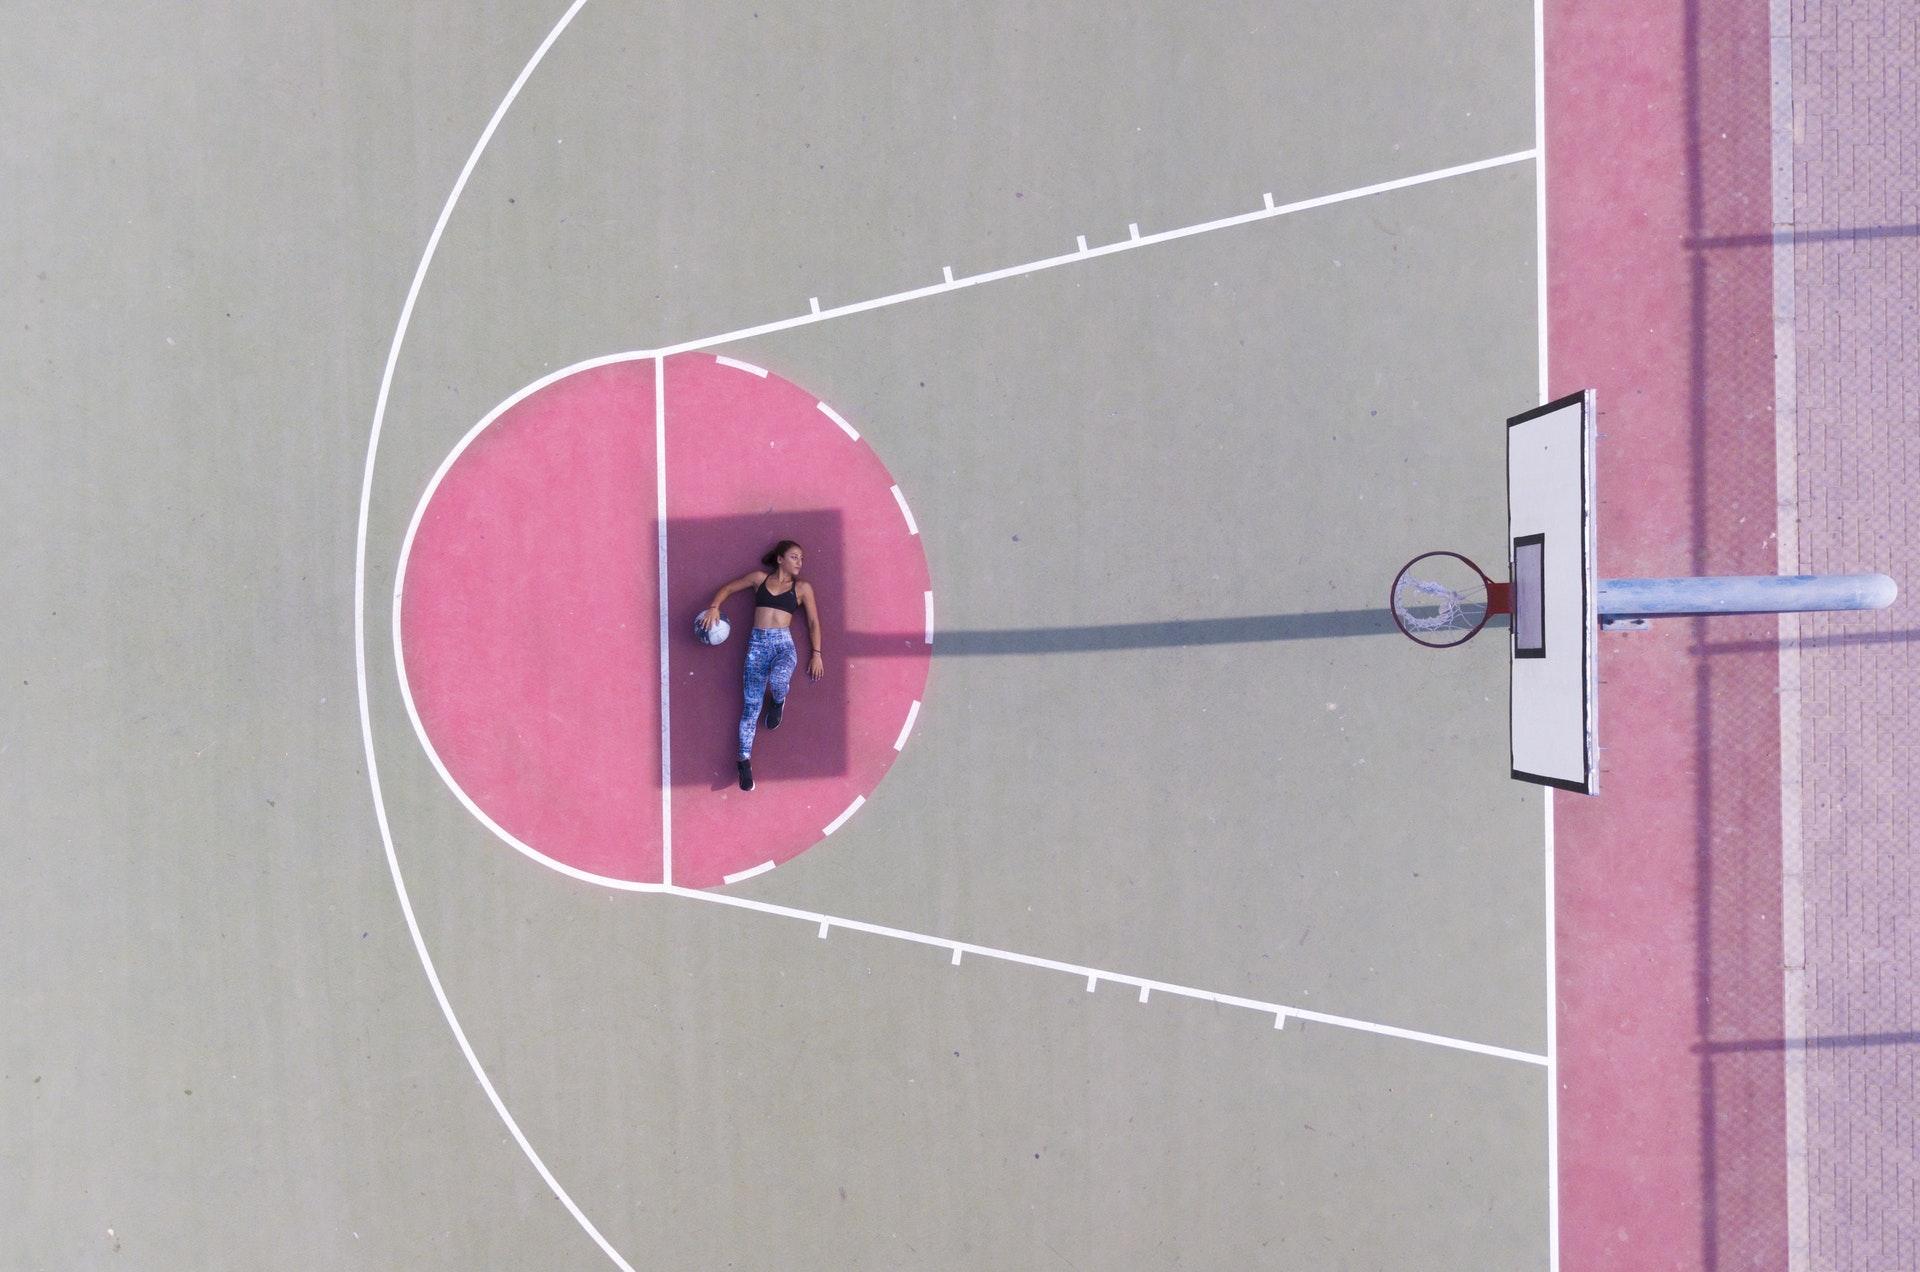 Ảnh cột bóng rổ nghệ thuật